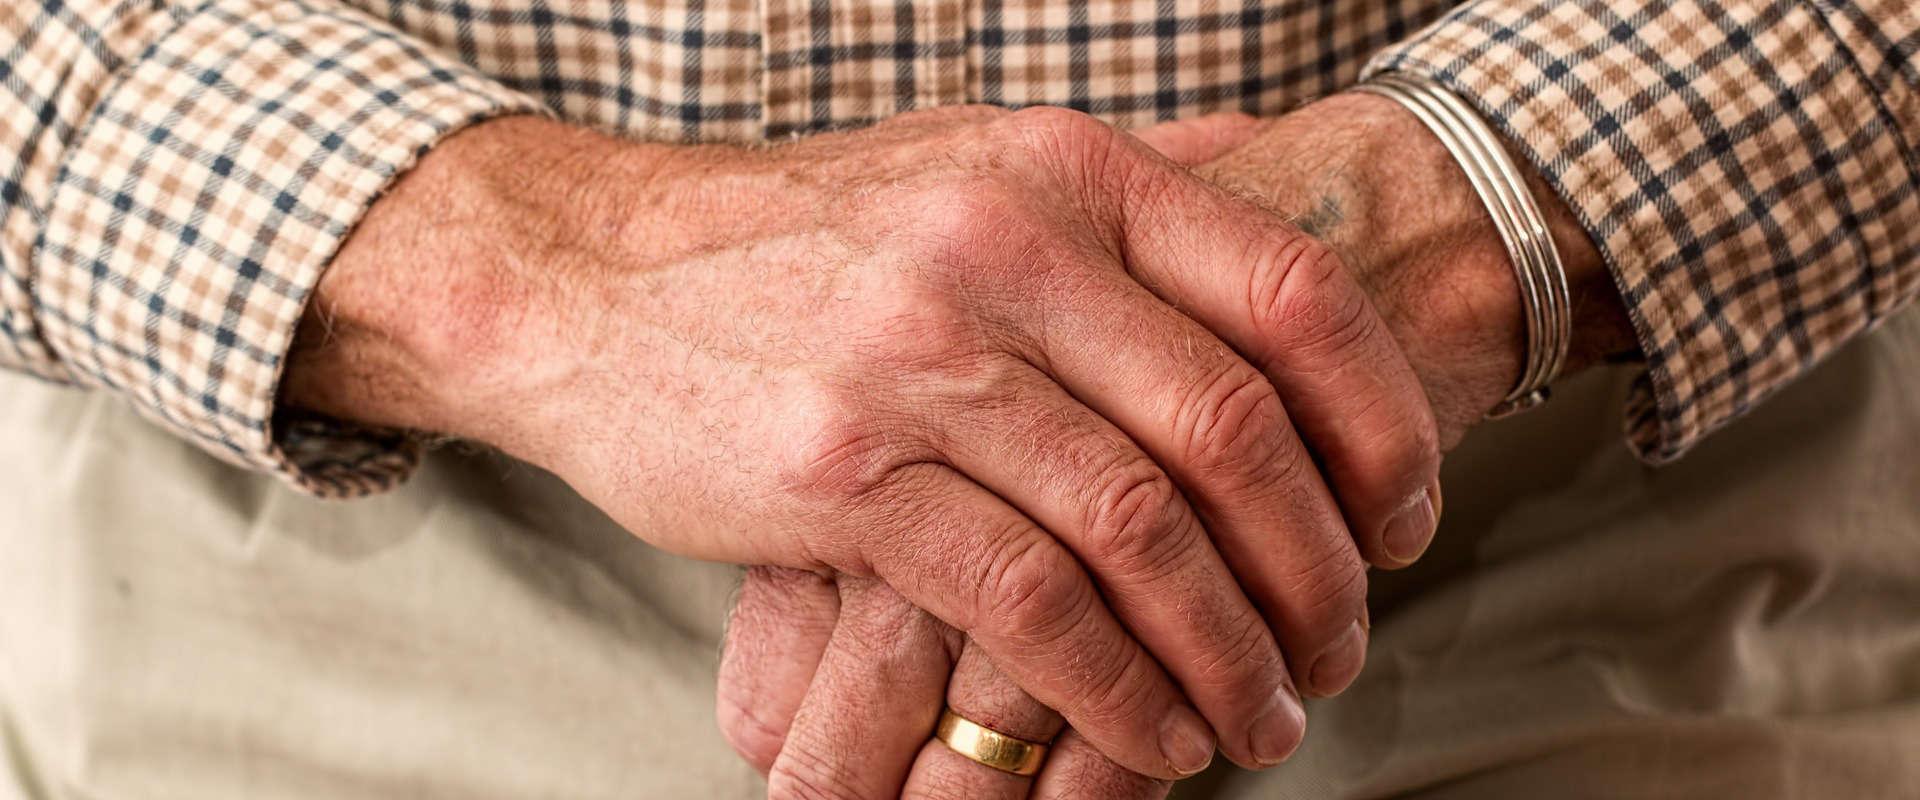 Résidence pour personnes âgée?